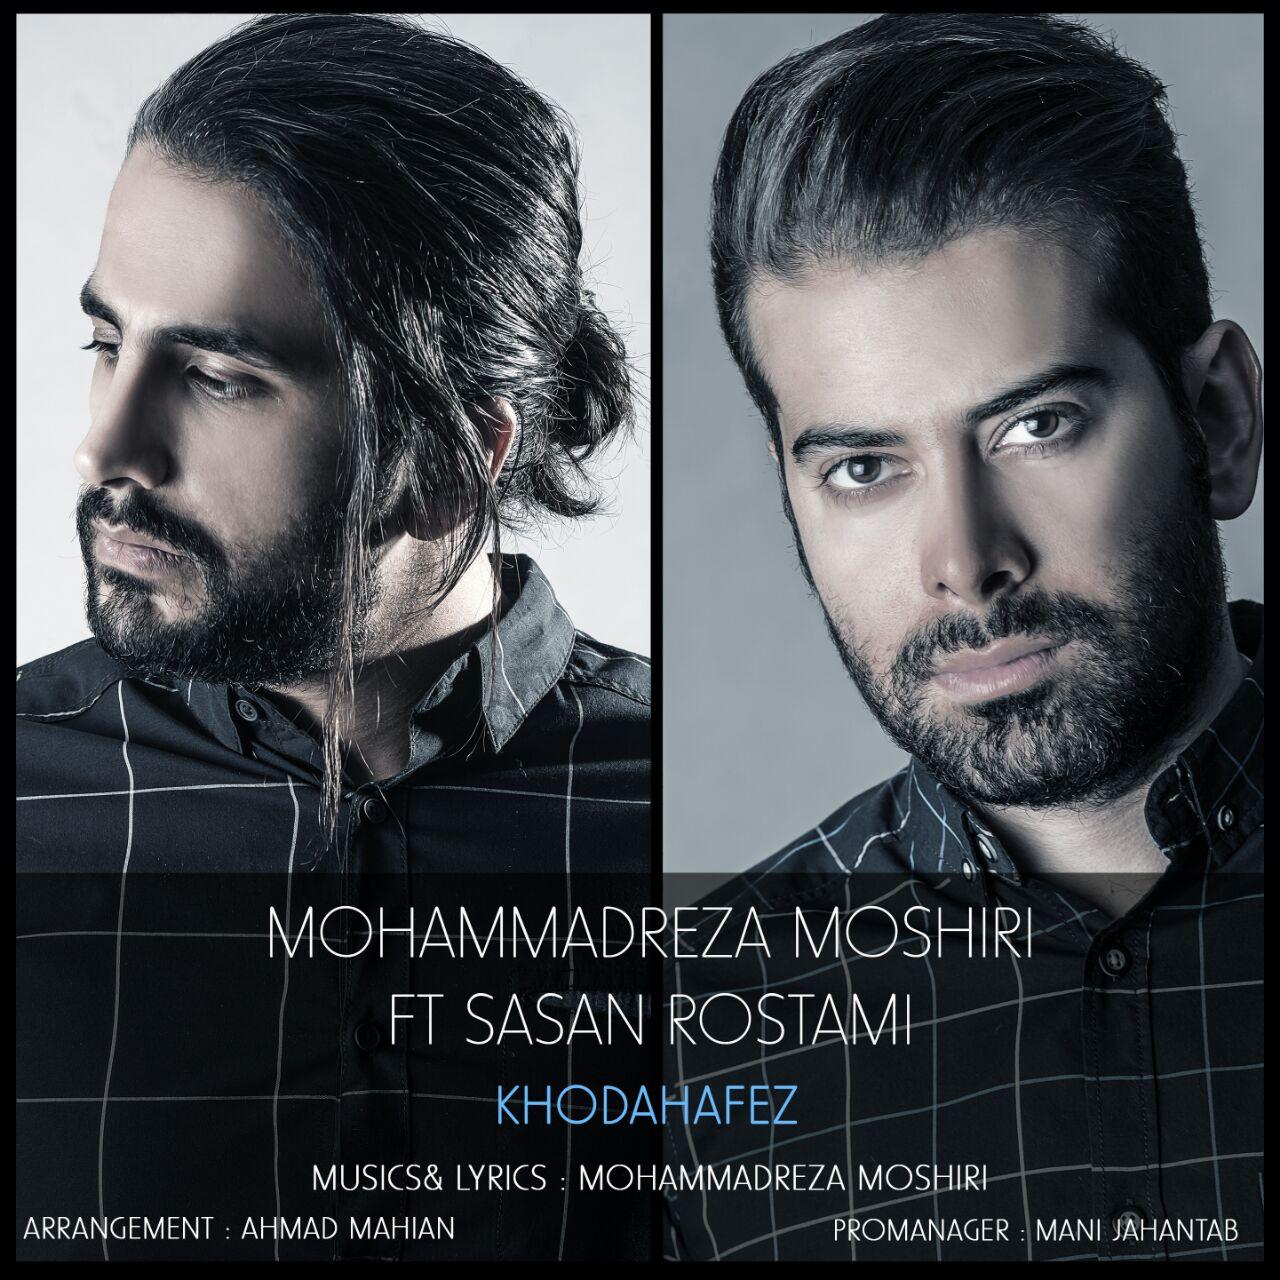 دانلود آهنگ جدید محمدرضا مشیری به همراهی ساسان رستمی بنام خداحافظ